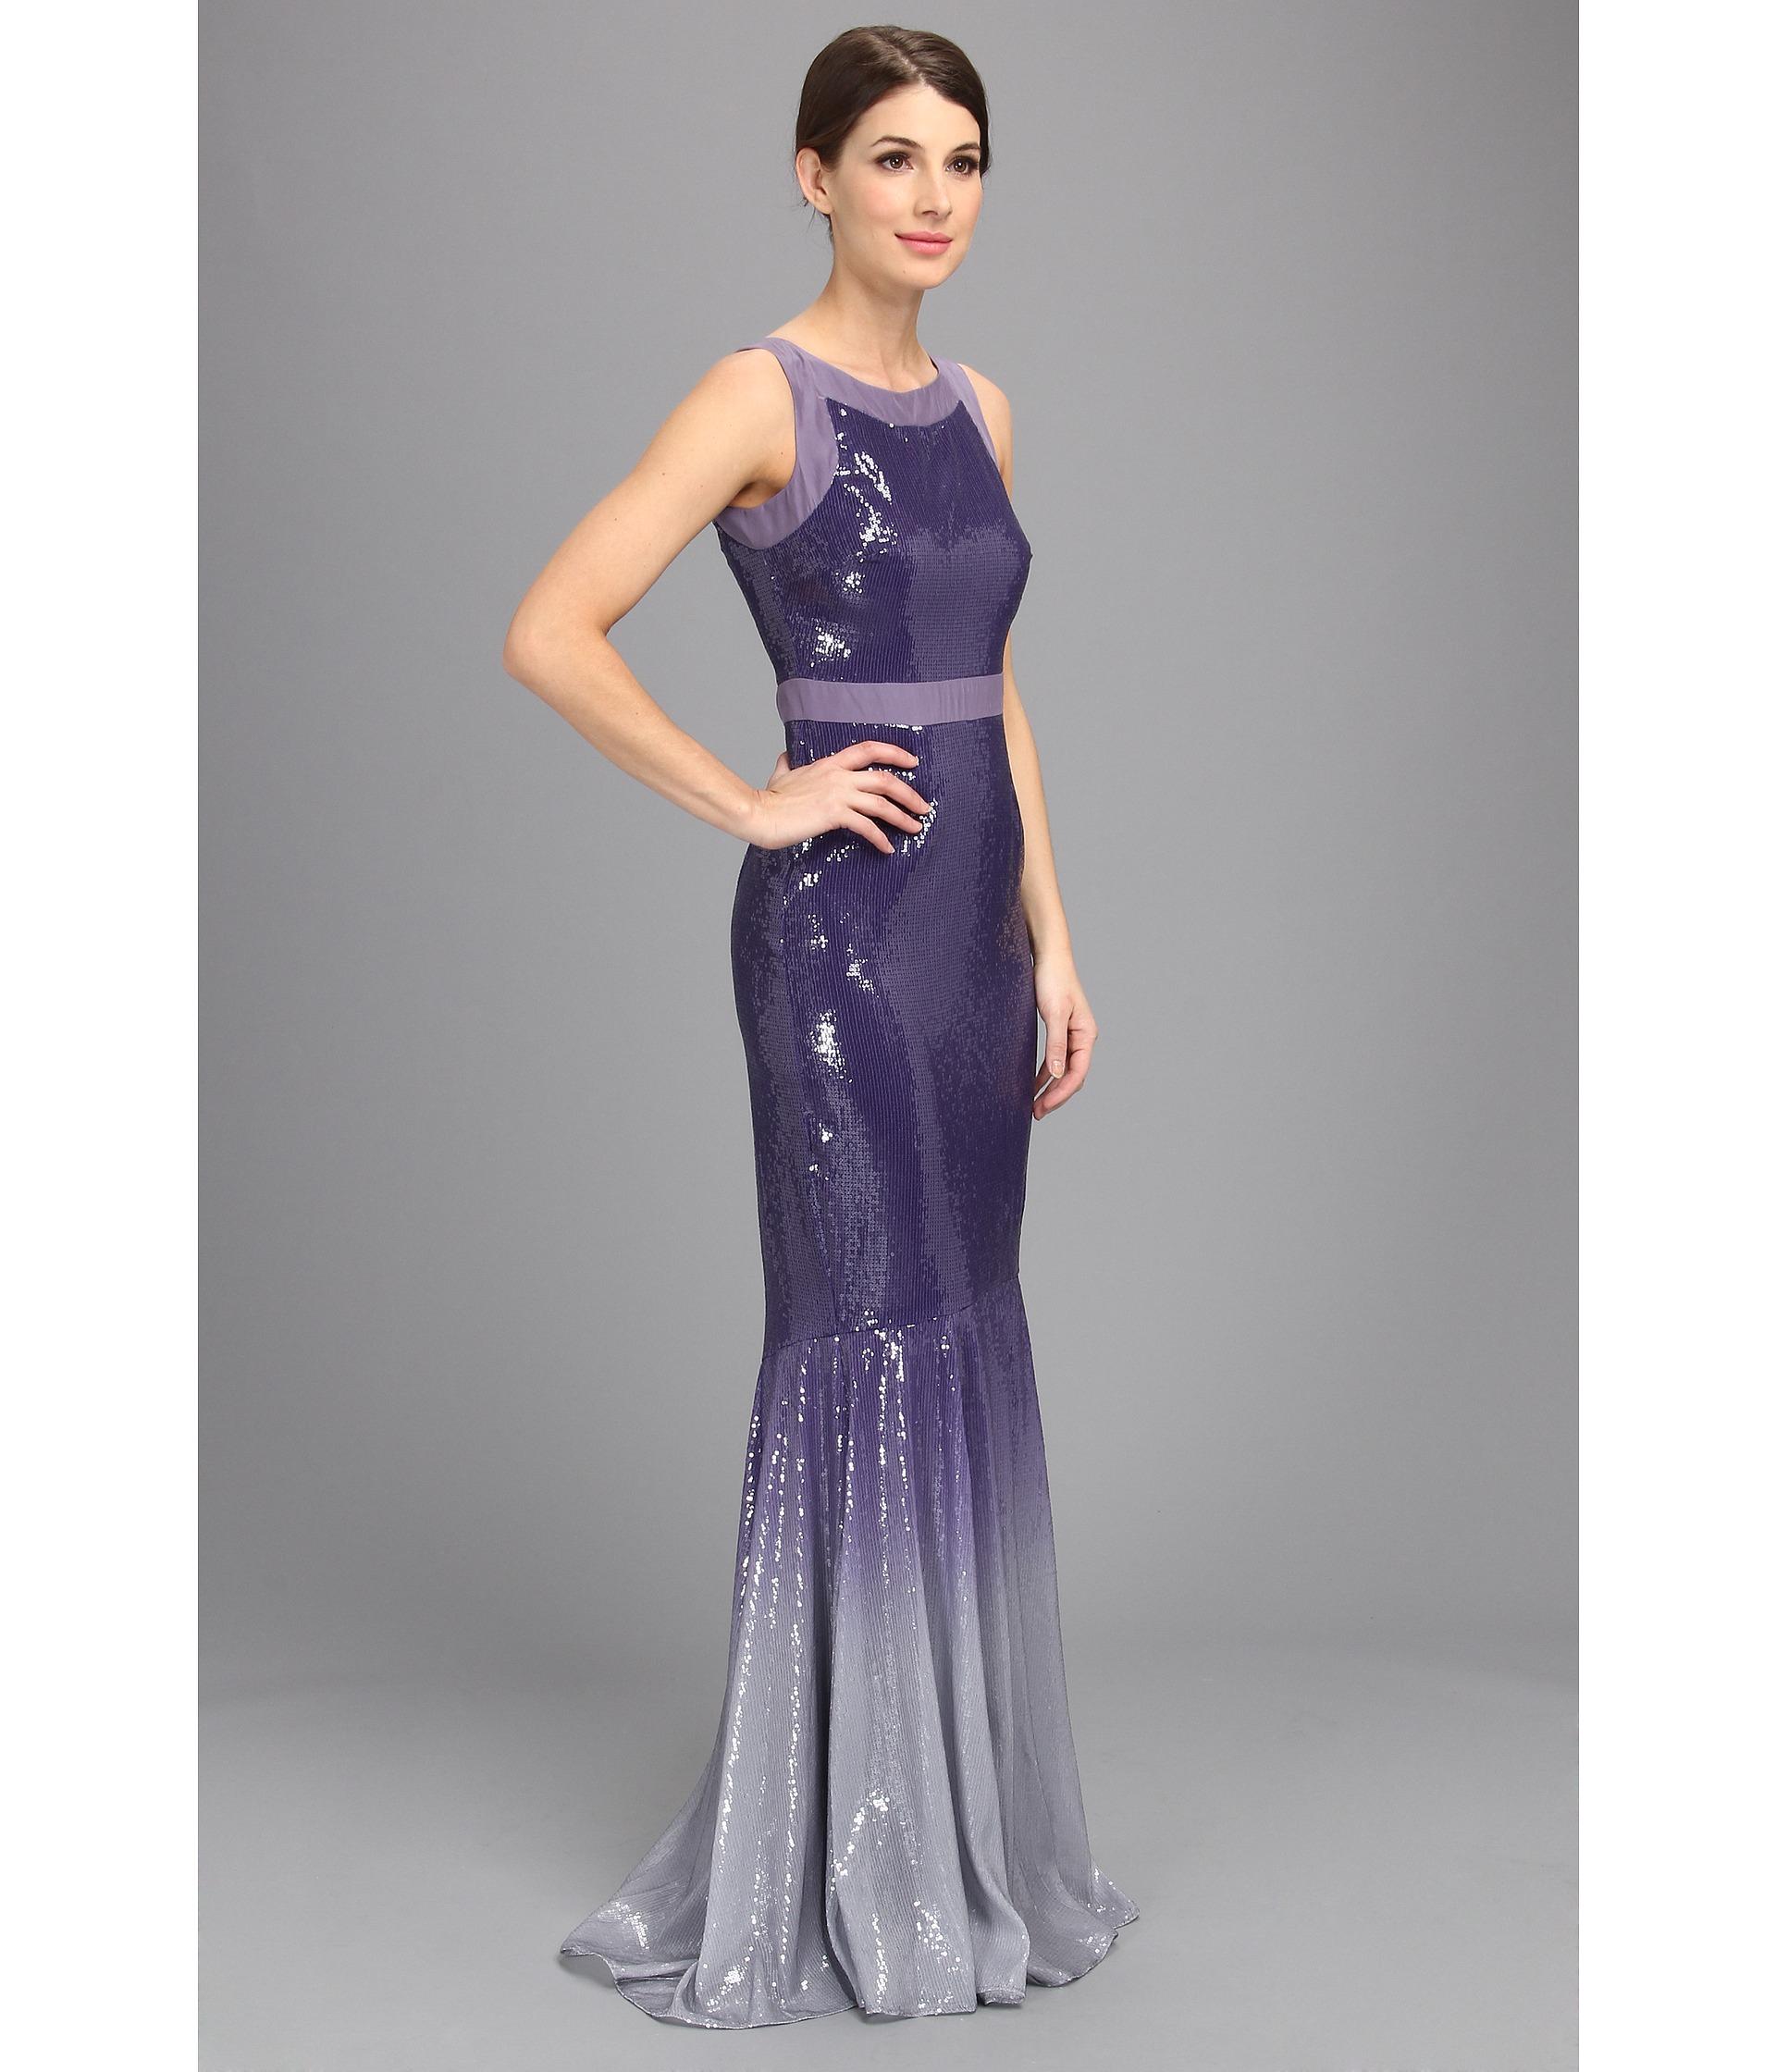 Lyst - Badgley Mischka Ombre Sequin Vneck Gown in Purple